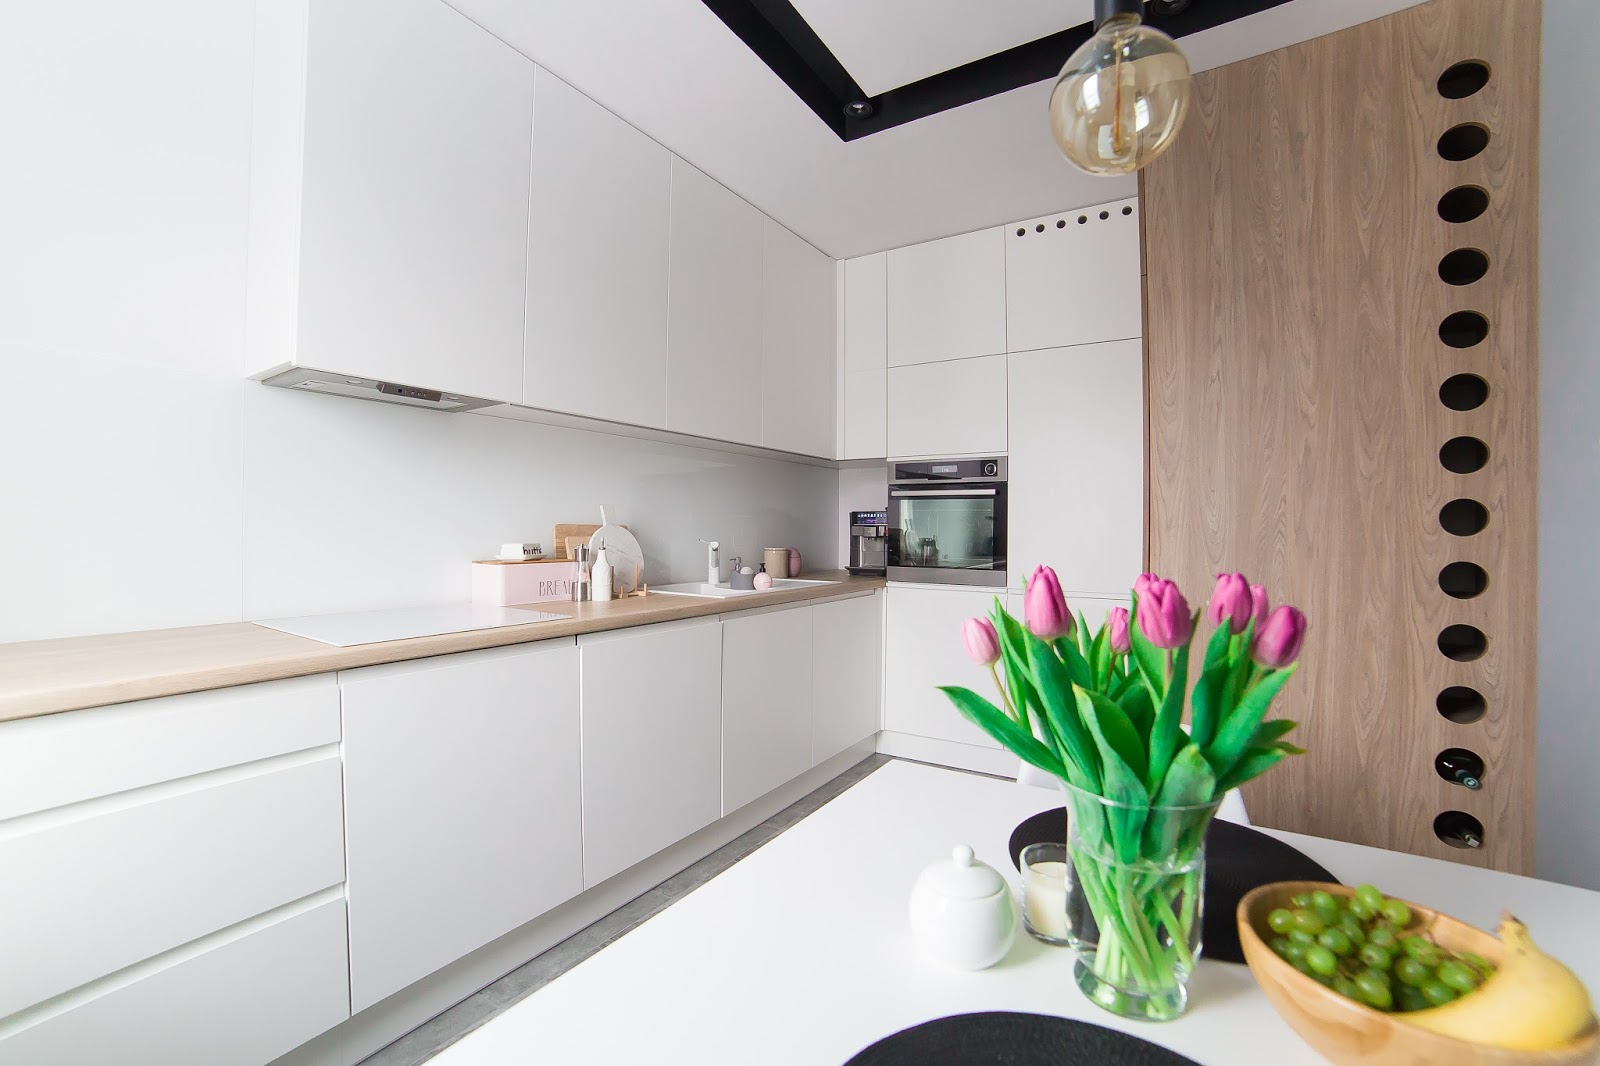 Projekt Kuchni Efekt Końcowy Kitchen Interior Styloly Blog By